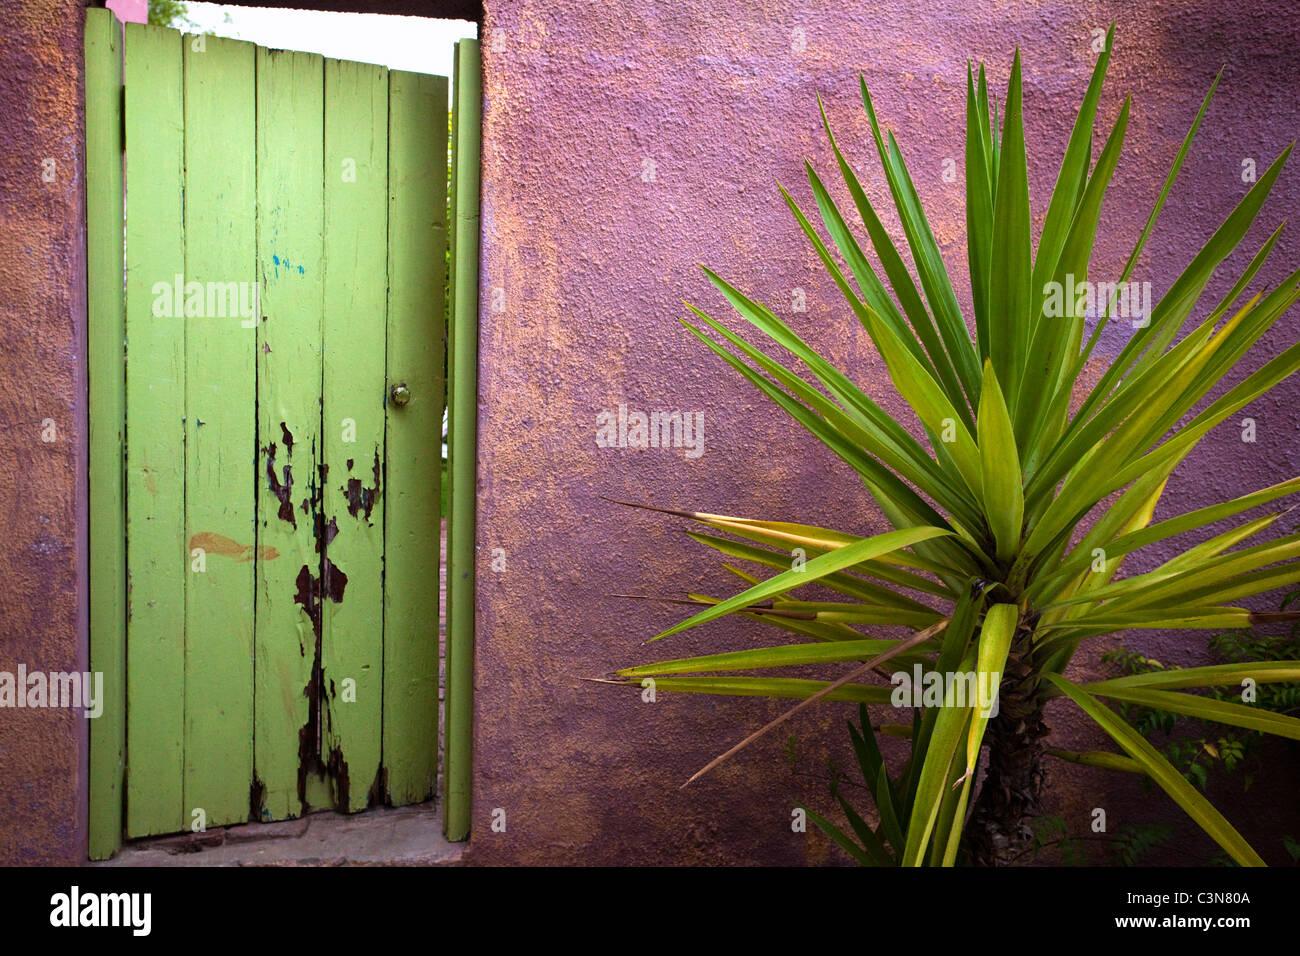 Sudáfrica, Western Cape, Barrydale, jardín puerta. Imagen De Stock